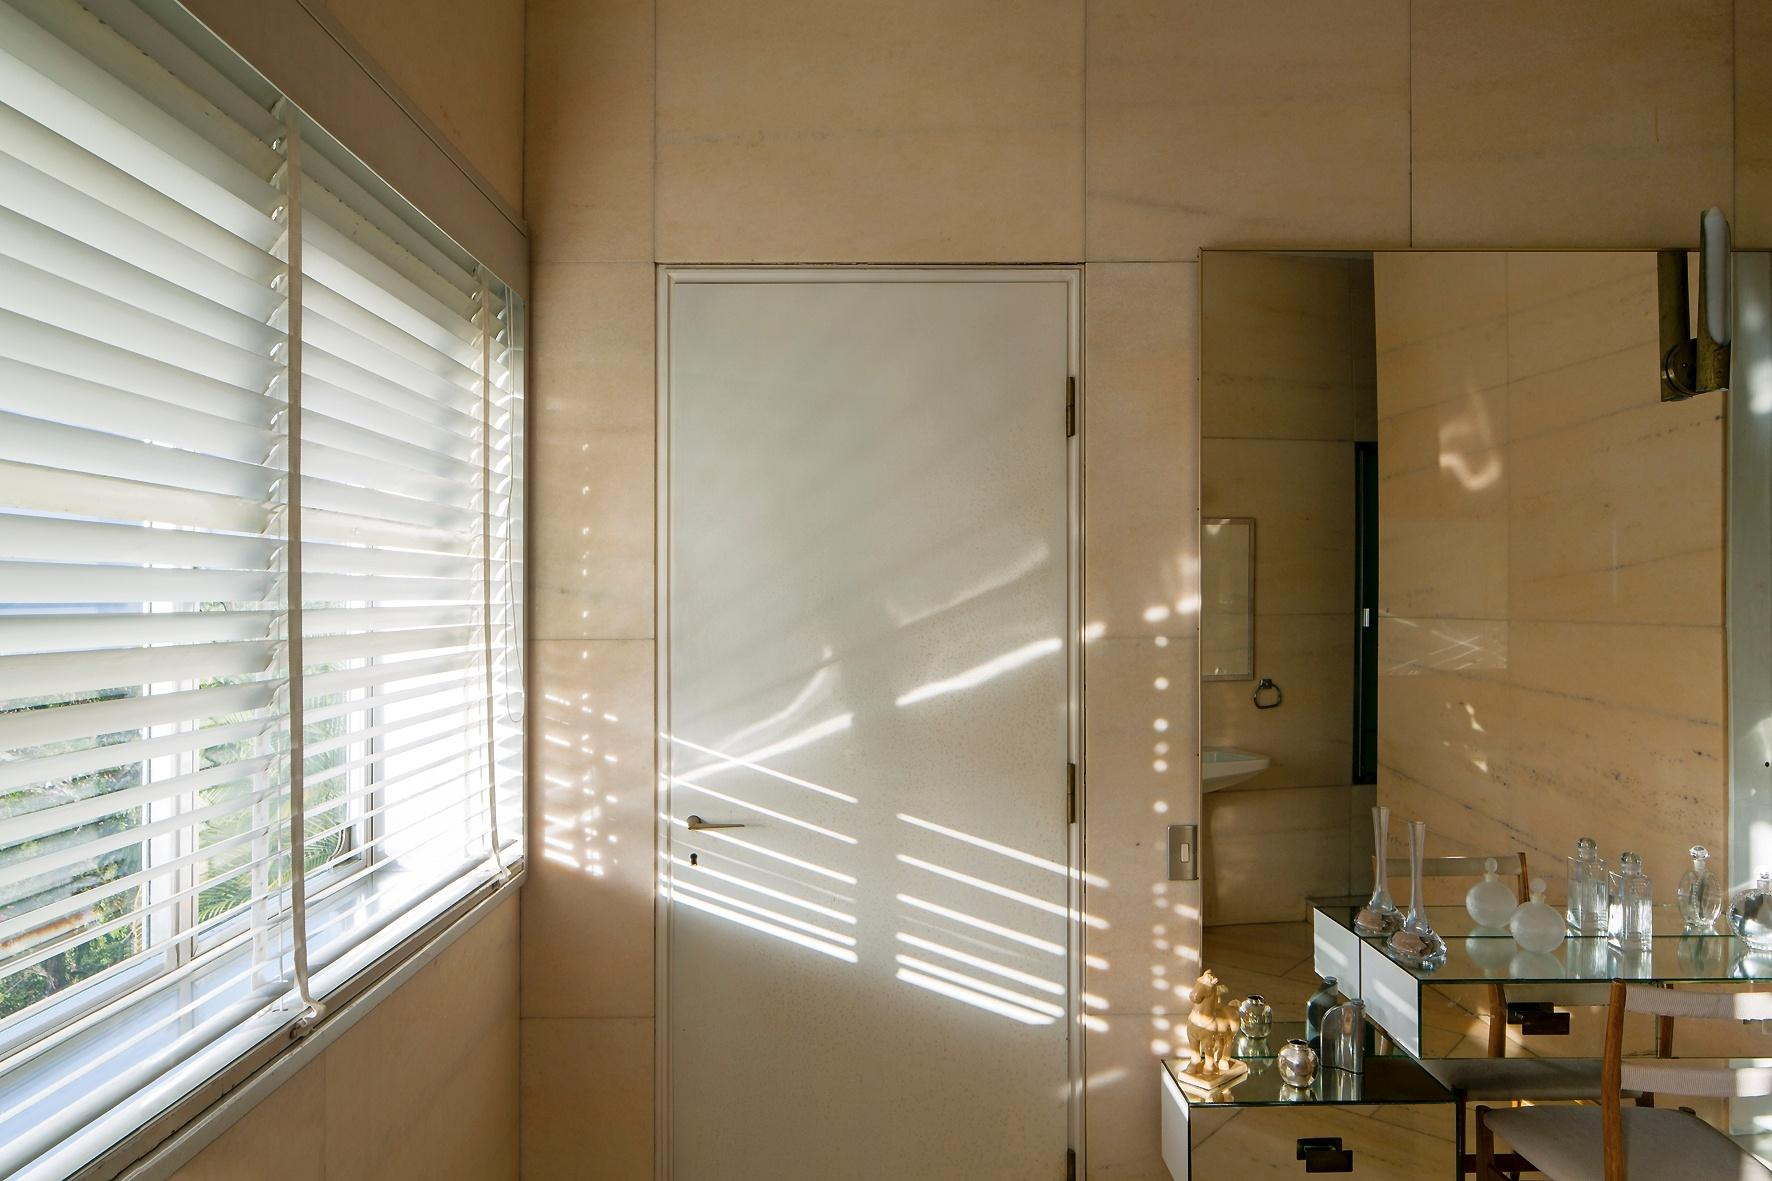 O arquiteto italiano Gio Ponti desenhou praticamente tudo o que há na Villa Planchart. A casa, localizada em Caracas, na Venezuela, foi projetada nos anos 1950 para um rico casal amante de artes e com materiais diversos e luxuosos. Na foto, um dos banheiros da residência, todo revestido com mármore, e com uma penteadeira espelhada